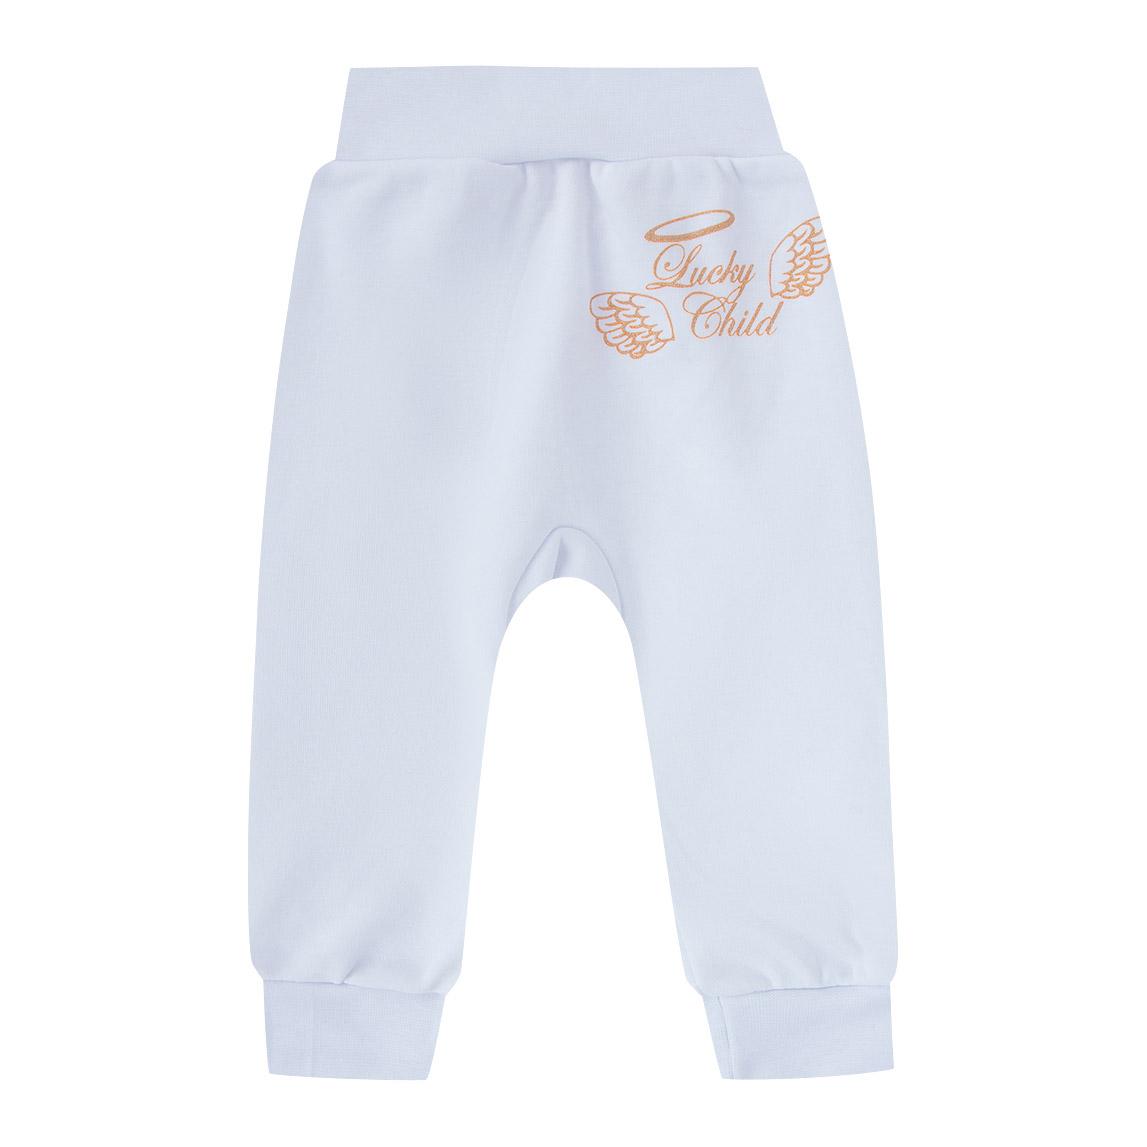 Купить Штанишки Lucky Child Ангелочки белые 56-62, Белый, Интерлок, Осень-Зима, Одежда для новорожденных